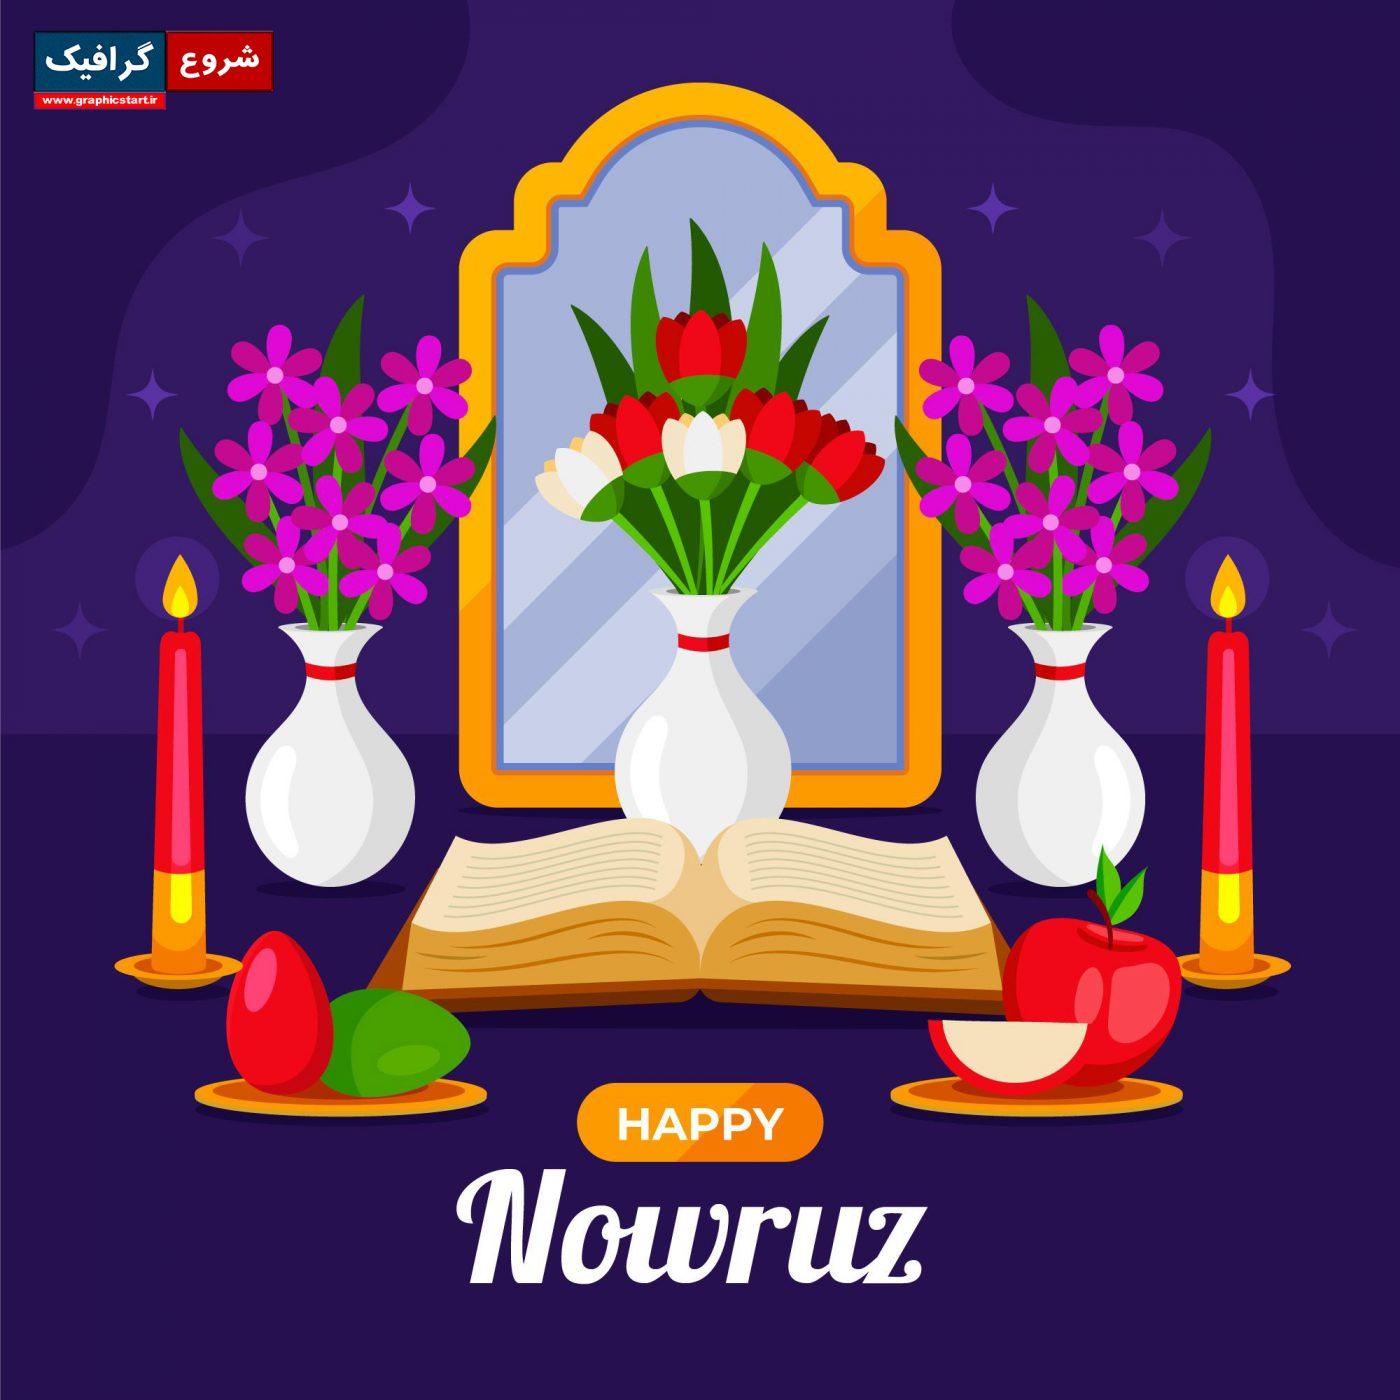 وکتور کارت تبریک عید نوروز با شمع و گل و آینه